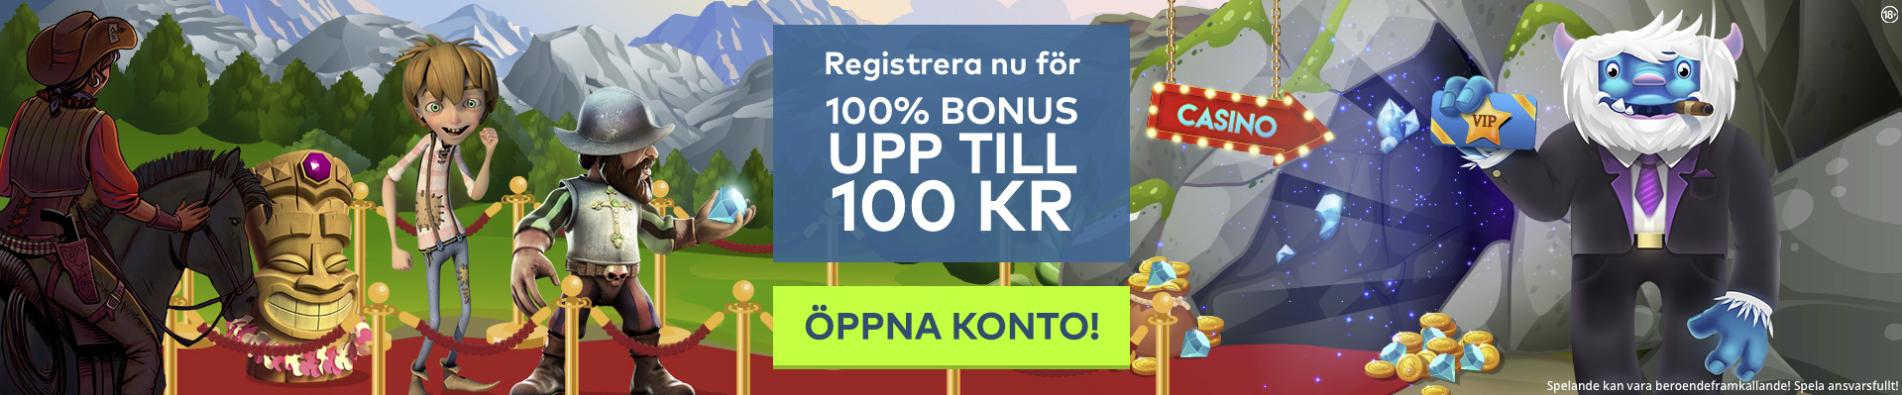 yeti casino no deposit bonus codes: 100% insättningsbonus upp till 100 kr!